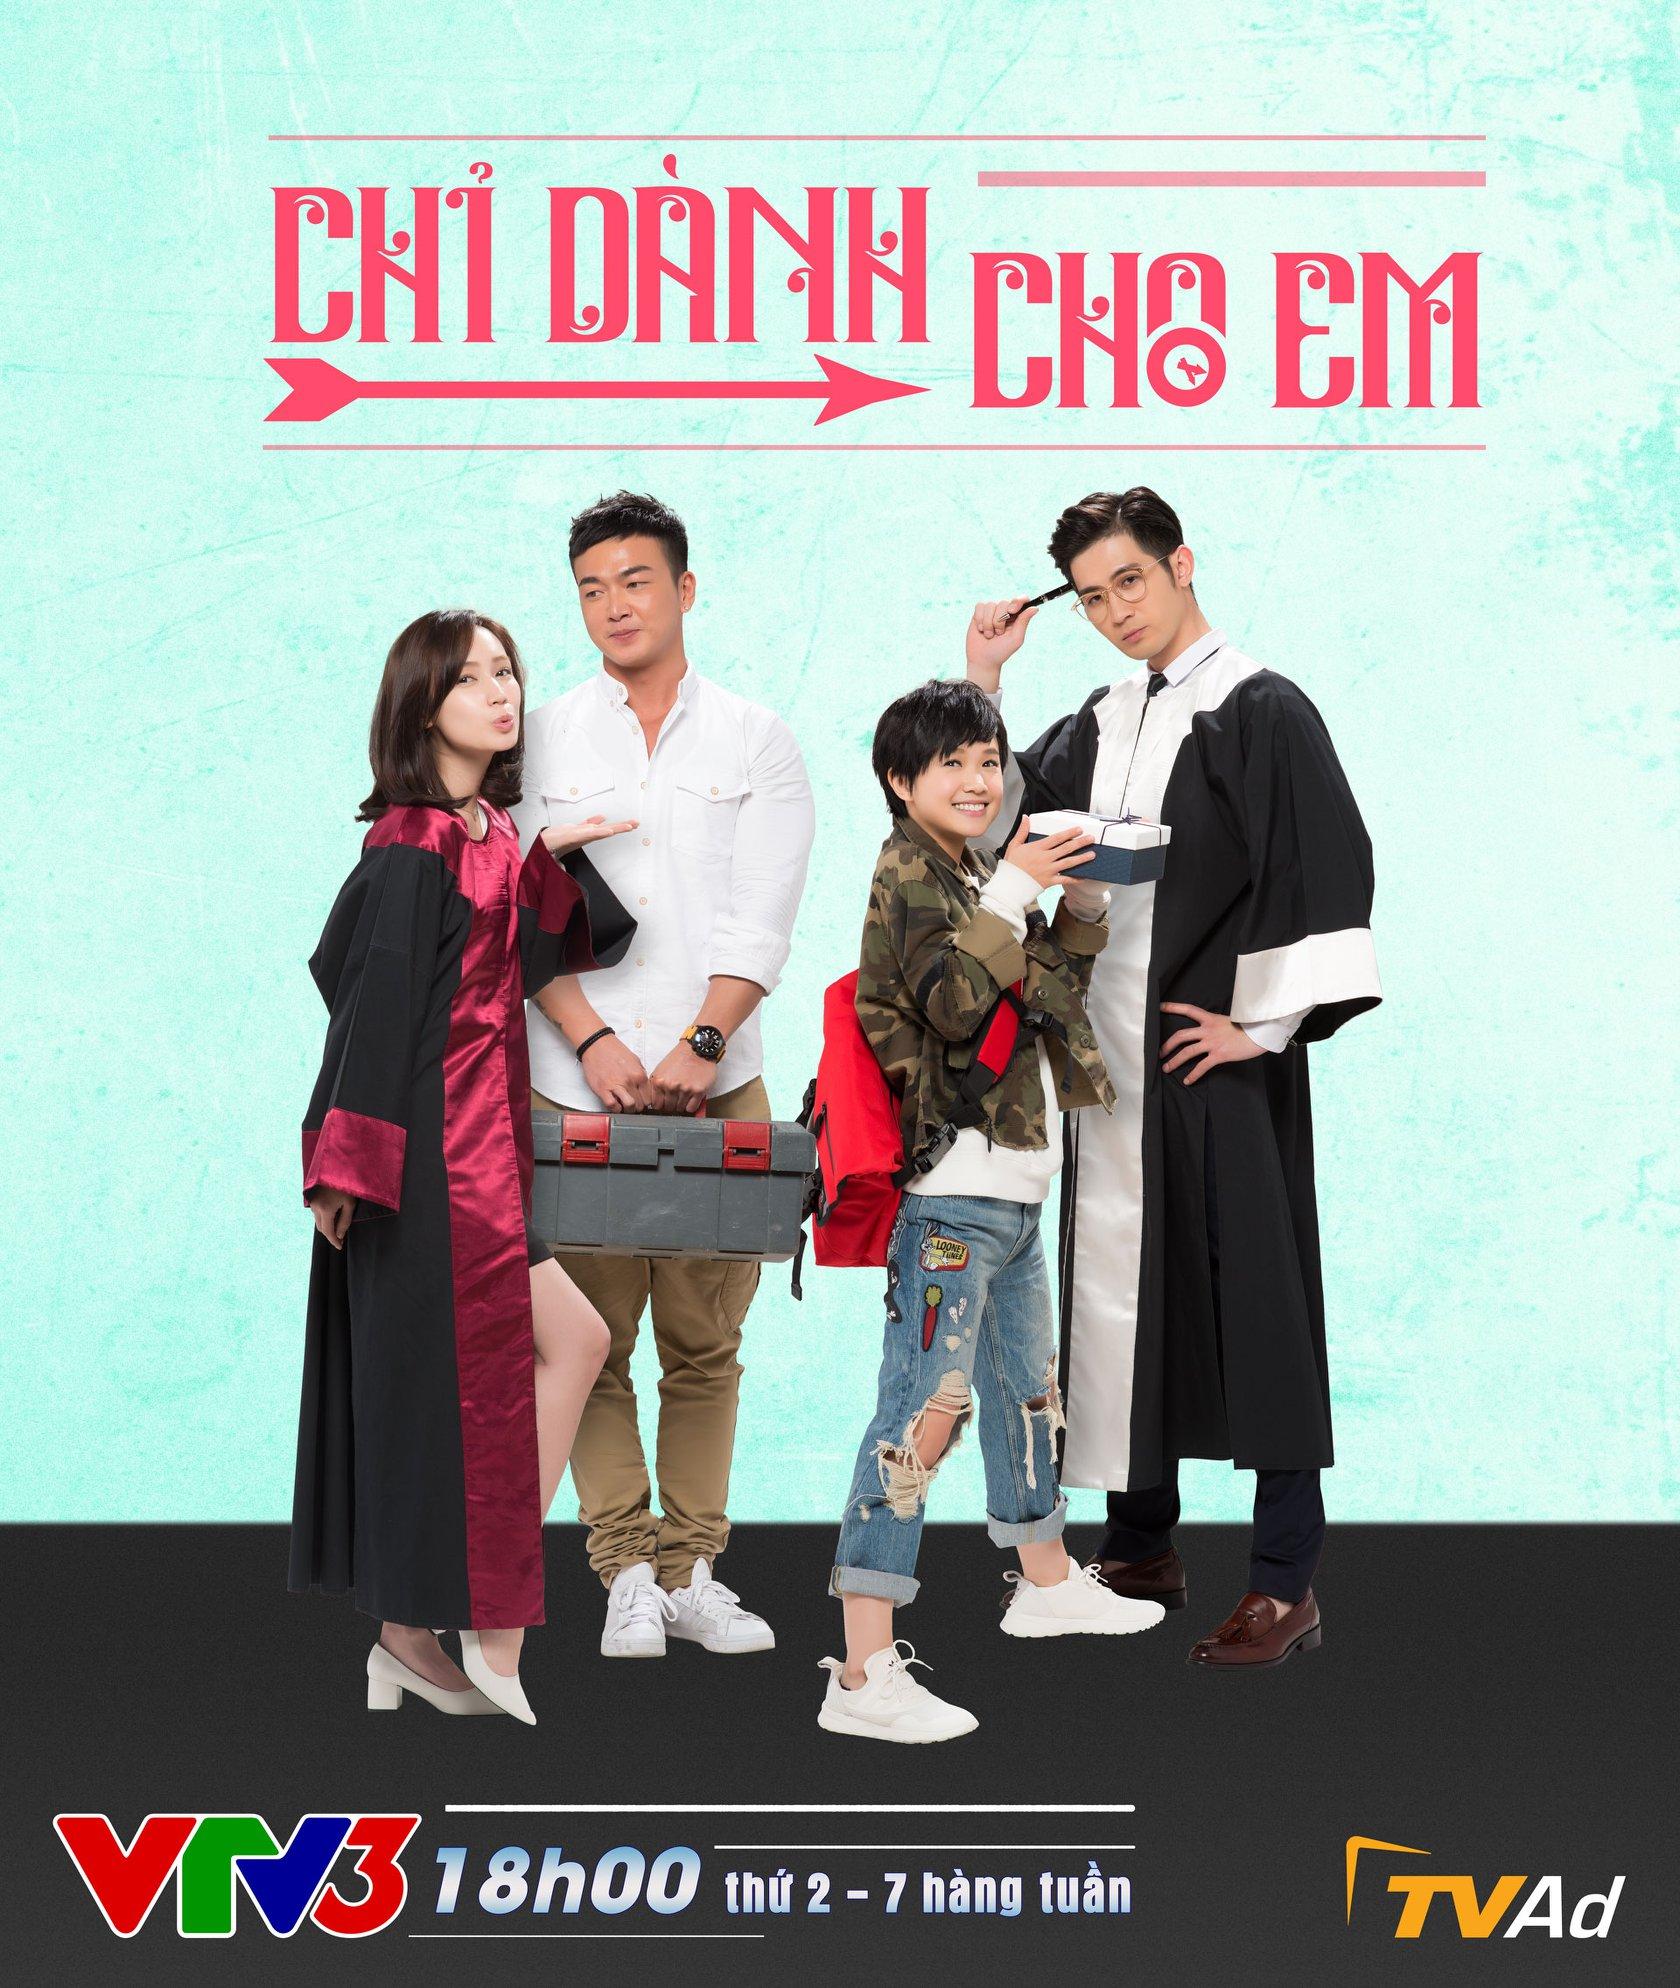 Chỉ Dành Cho Em - VTV3 (2020)